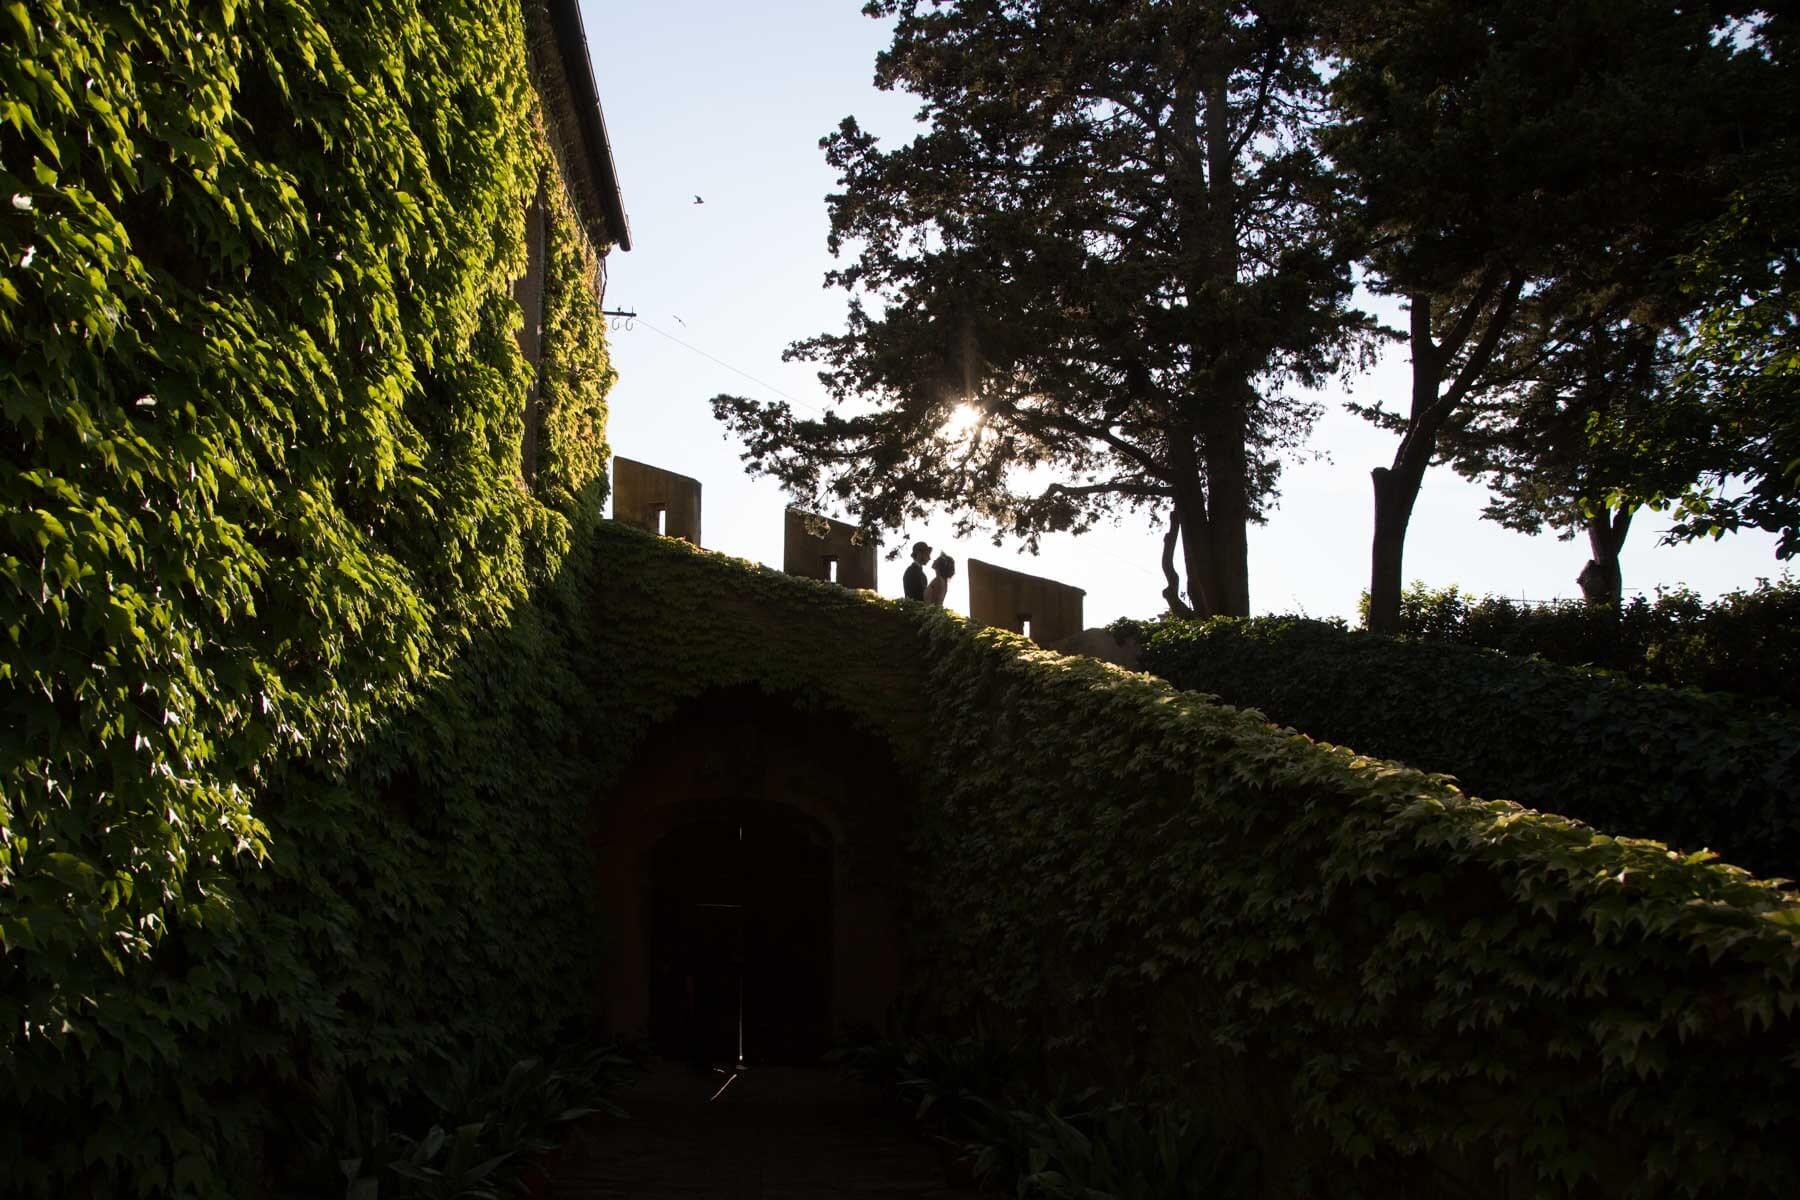 Servizio di Ricerca location di matrimonio in Toscana, Firenze, Siena, Chianti, Val d'Orcia, Lucca. Giulia Alessandri Wedding Planner: progettazione e coordinazione matrimoni in Toscana.